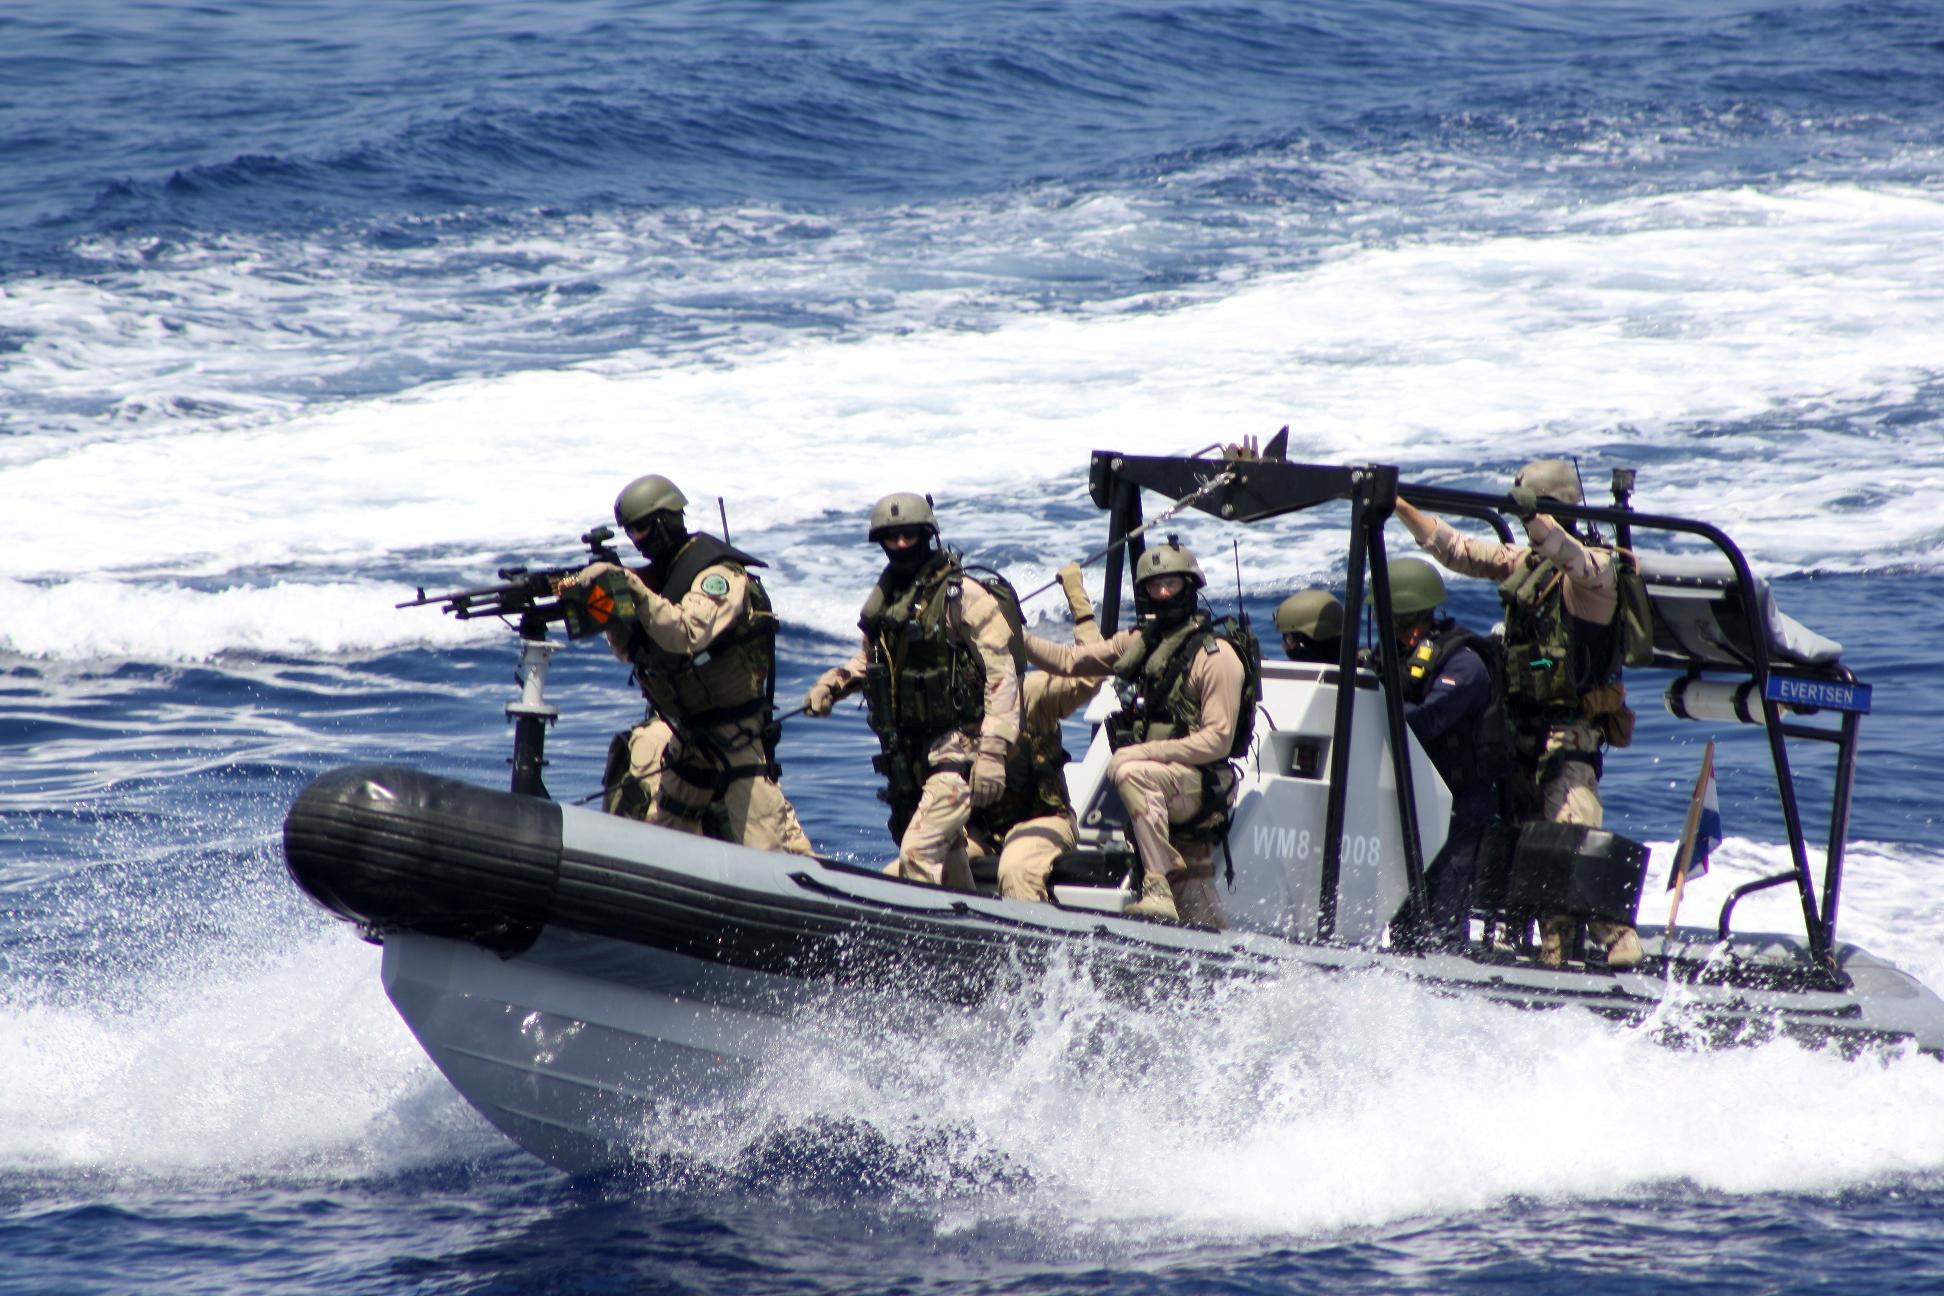 Naval boarding party: dall'arrembaggio collaborativo al boarding con elicotteri – parte III  di Marco Bandioli